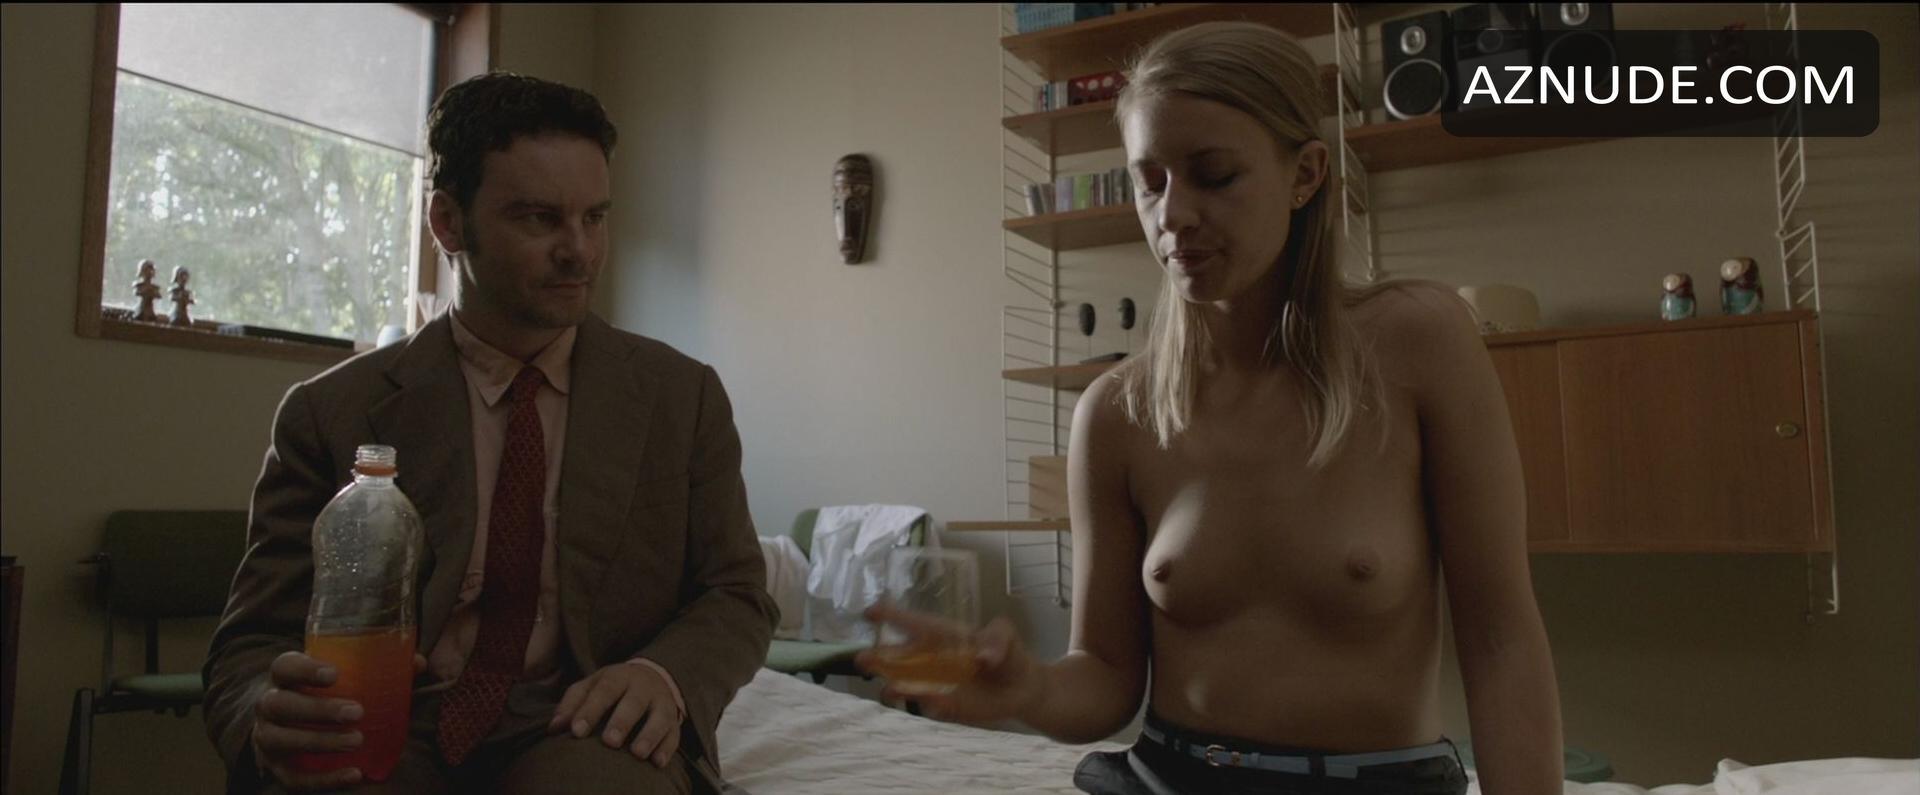 Borgman Nude Scenes - Aznude-5672